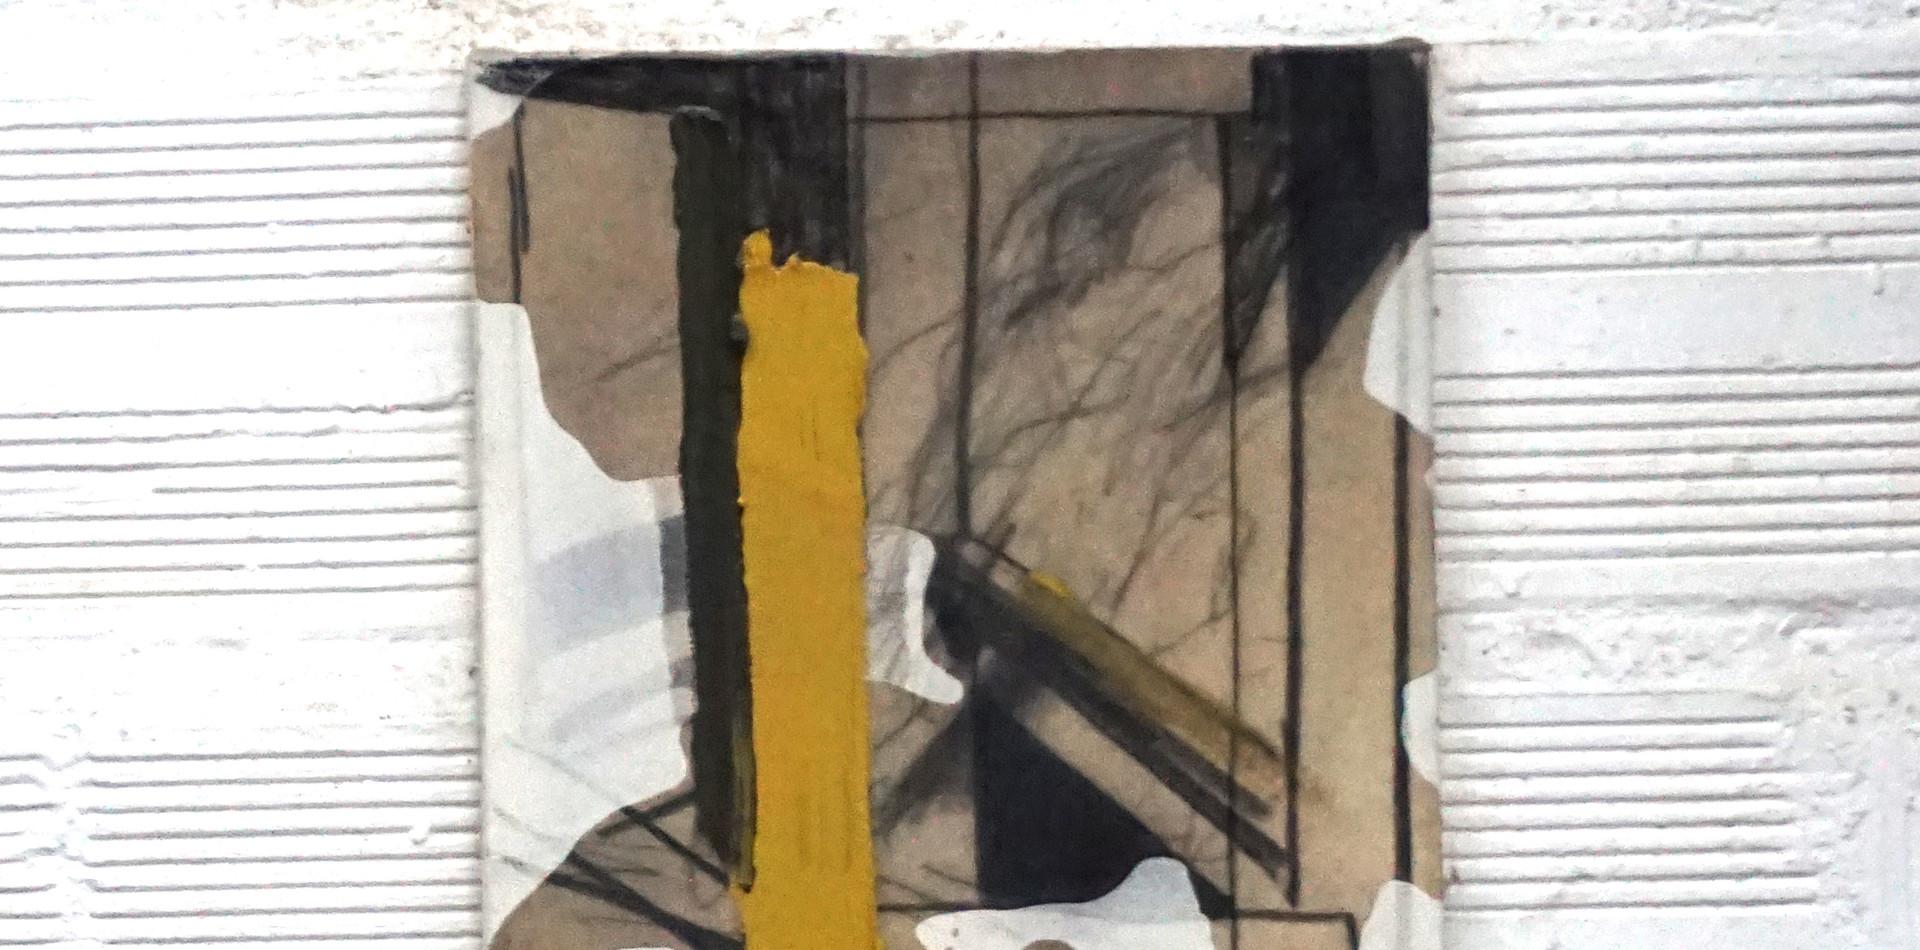 Planta e banco | 2017 Carvão, parafina e óleo sobre tela Tríptico 30 x 100 cm